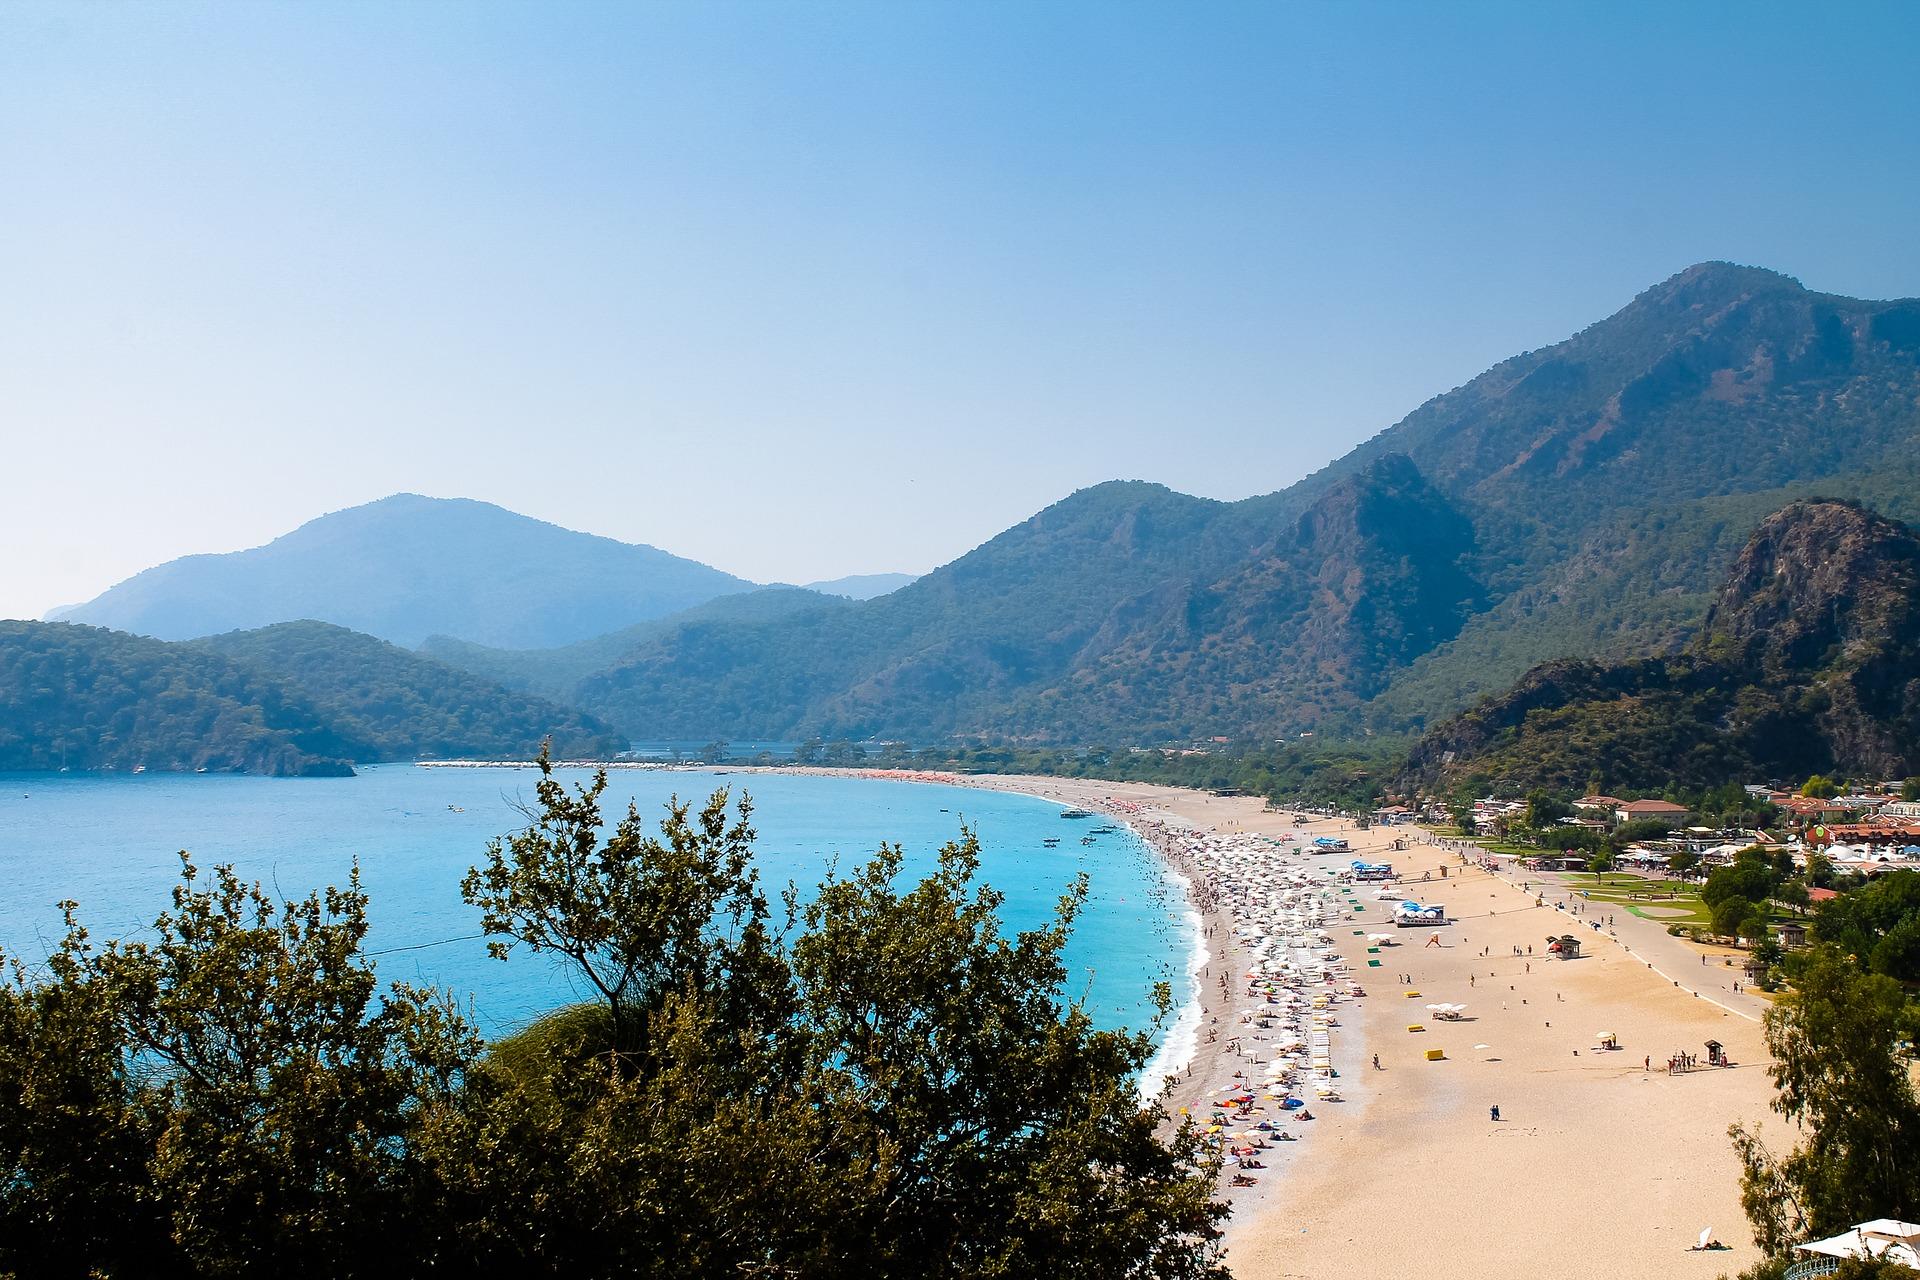 Лето на море: лучшие страны для пляжного отдыха в 2021 году